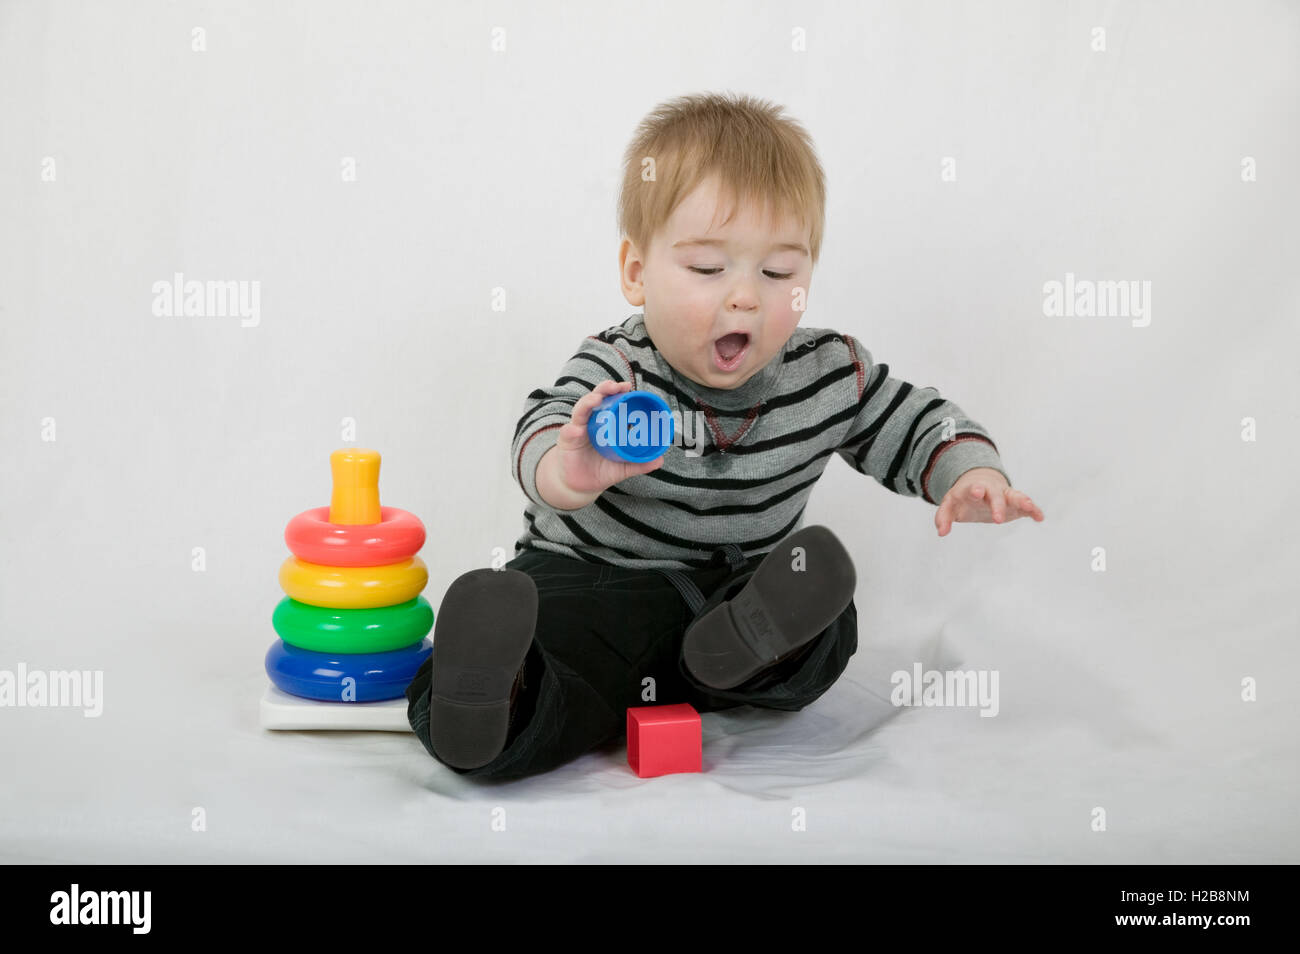 Edad PlásticoSiendo Joven Juguetes 10 De Jugar Meses Niño Con 5 tsCxBhQdr